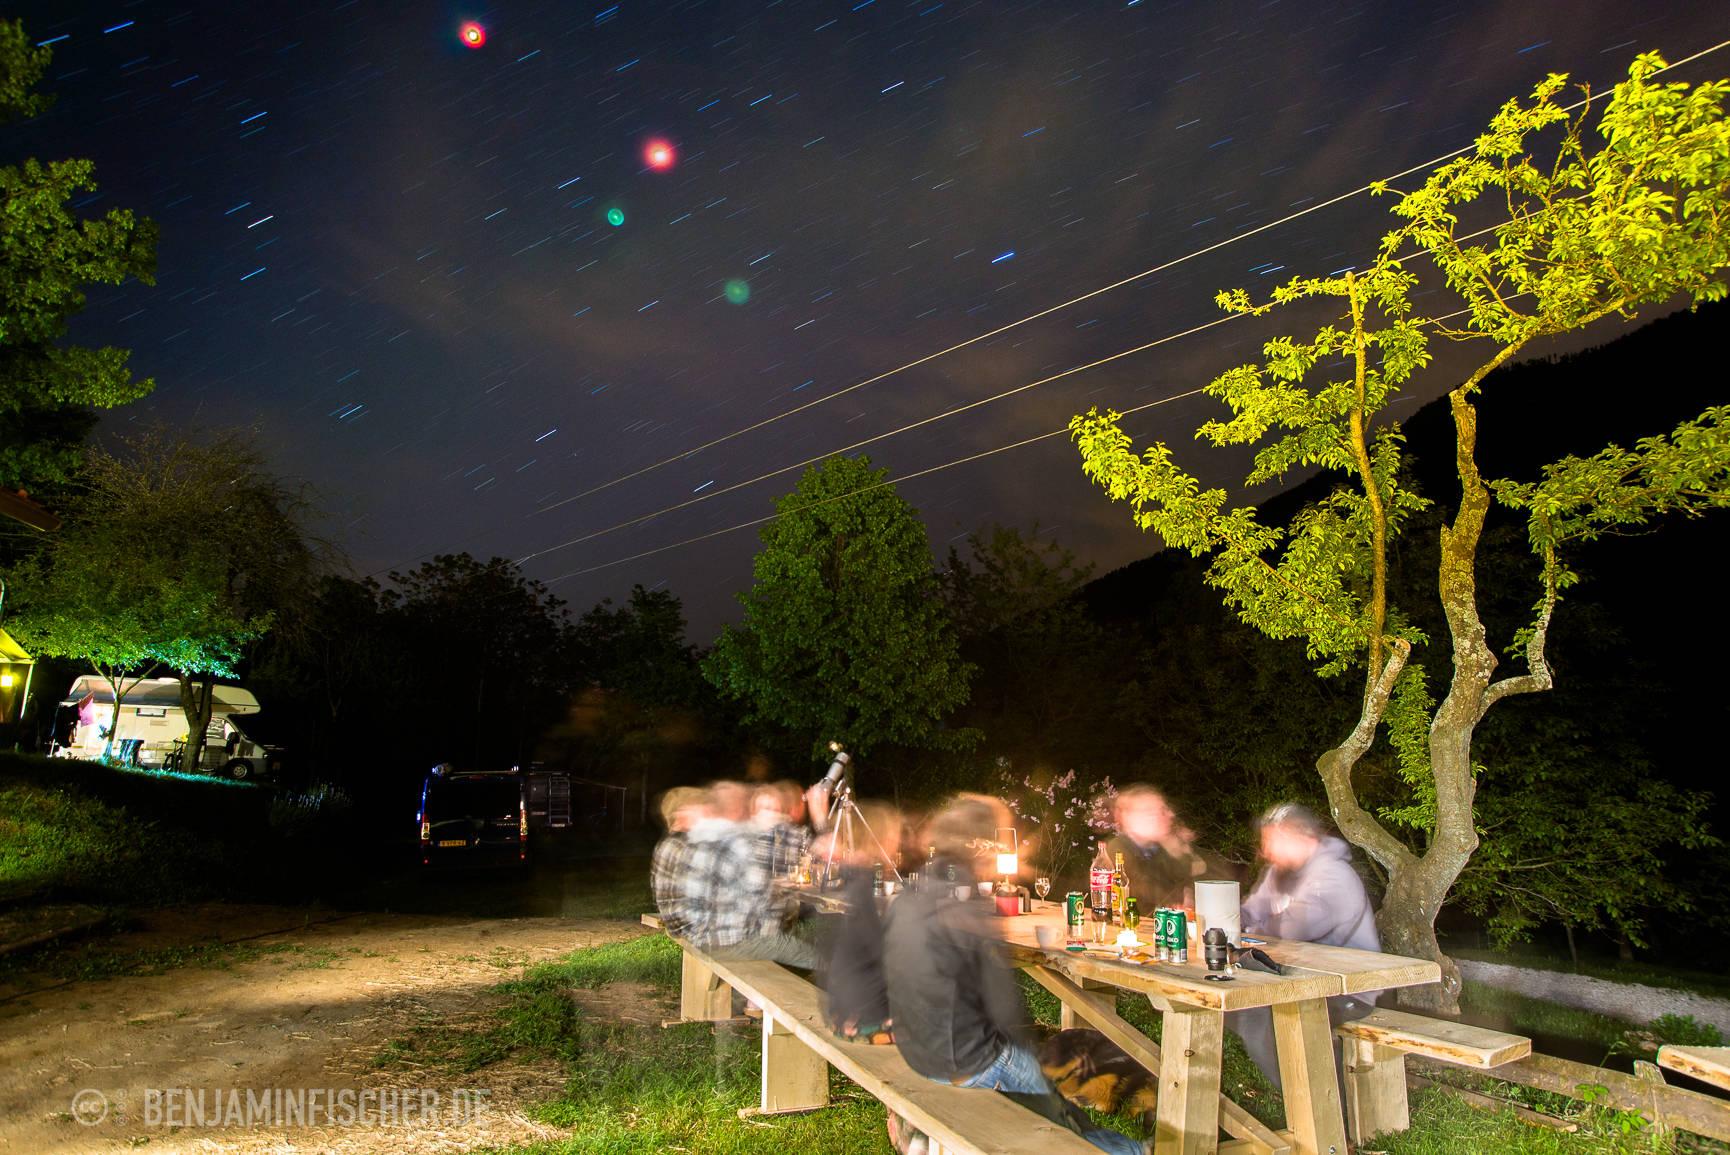 Abendliches Zusammensitzen unterm Sternenhimmel.